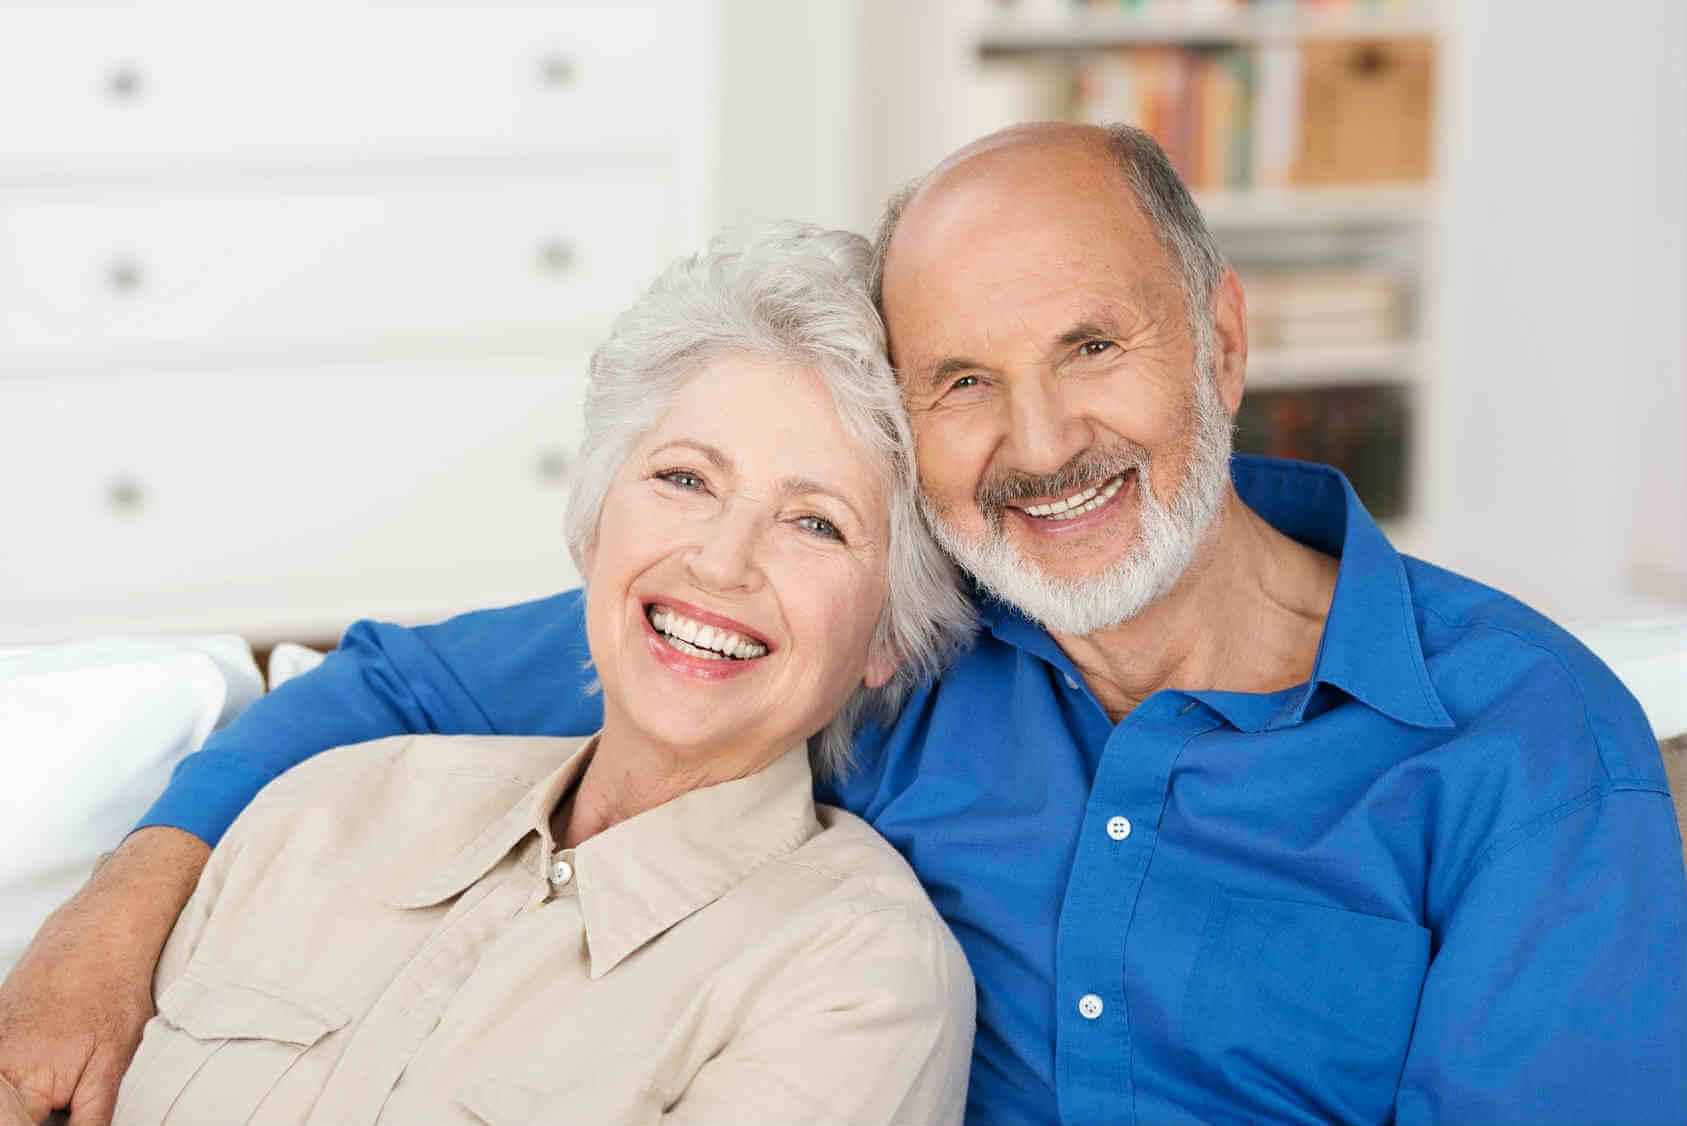 Как рассчитать свою пенсию по старости: формула и расшифровка величин